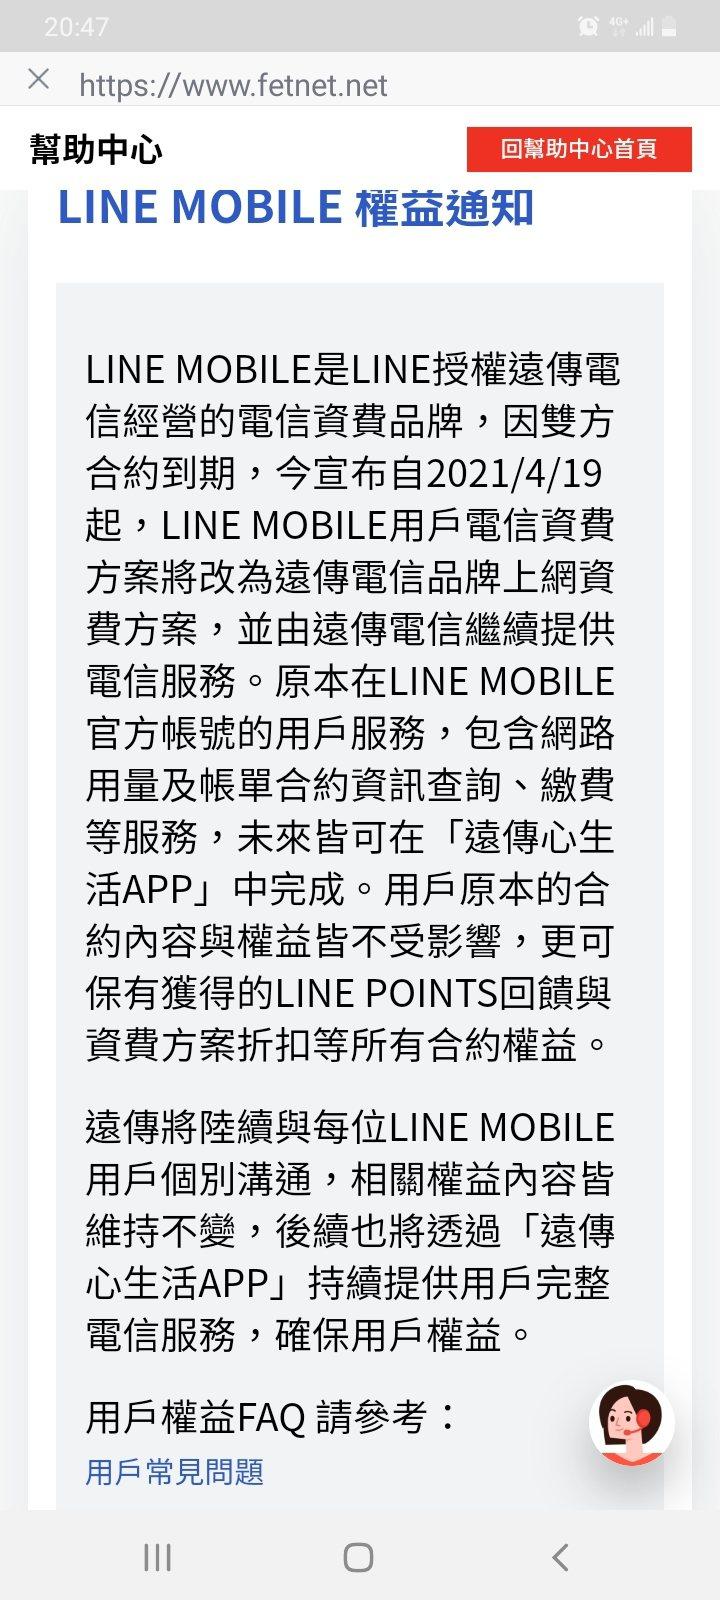 遠傳通知用戶 ,LINE MOBILE合約將終止。照片/截自遠傳官網